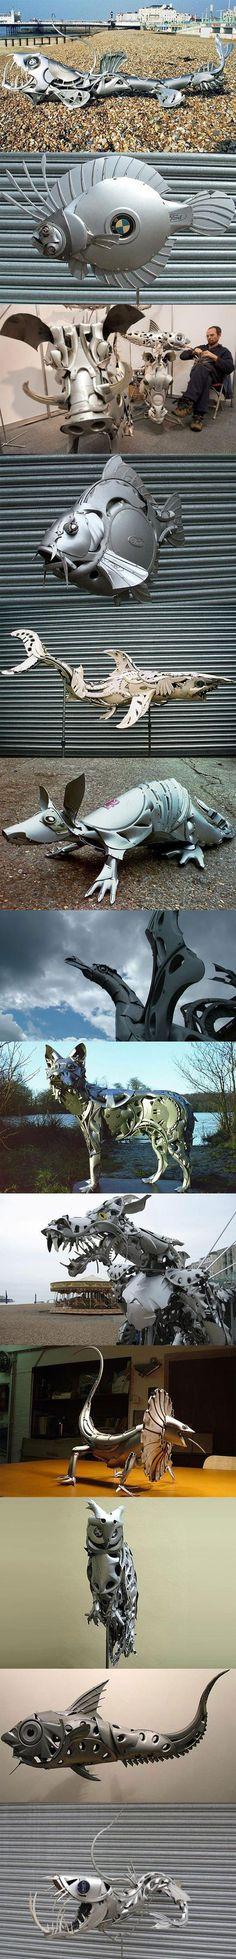 Hubcap sculptures - The Meta Picture